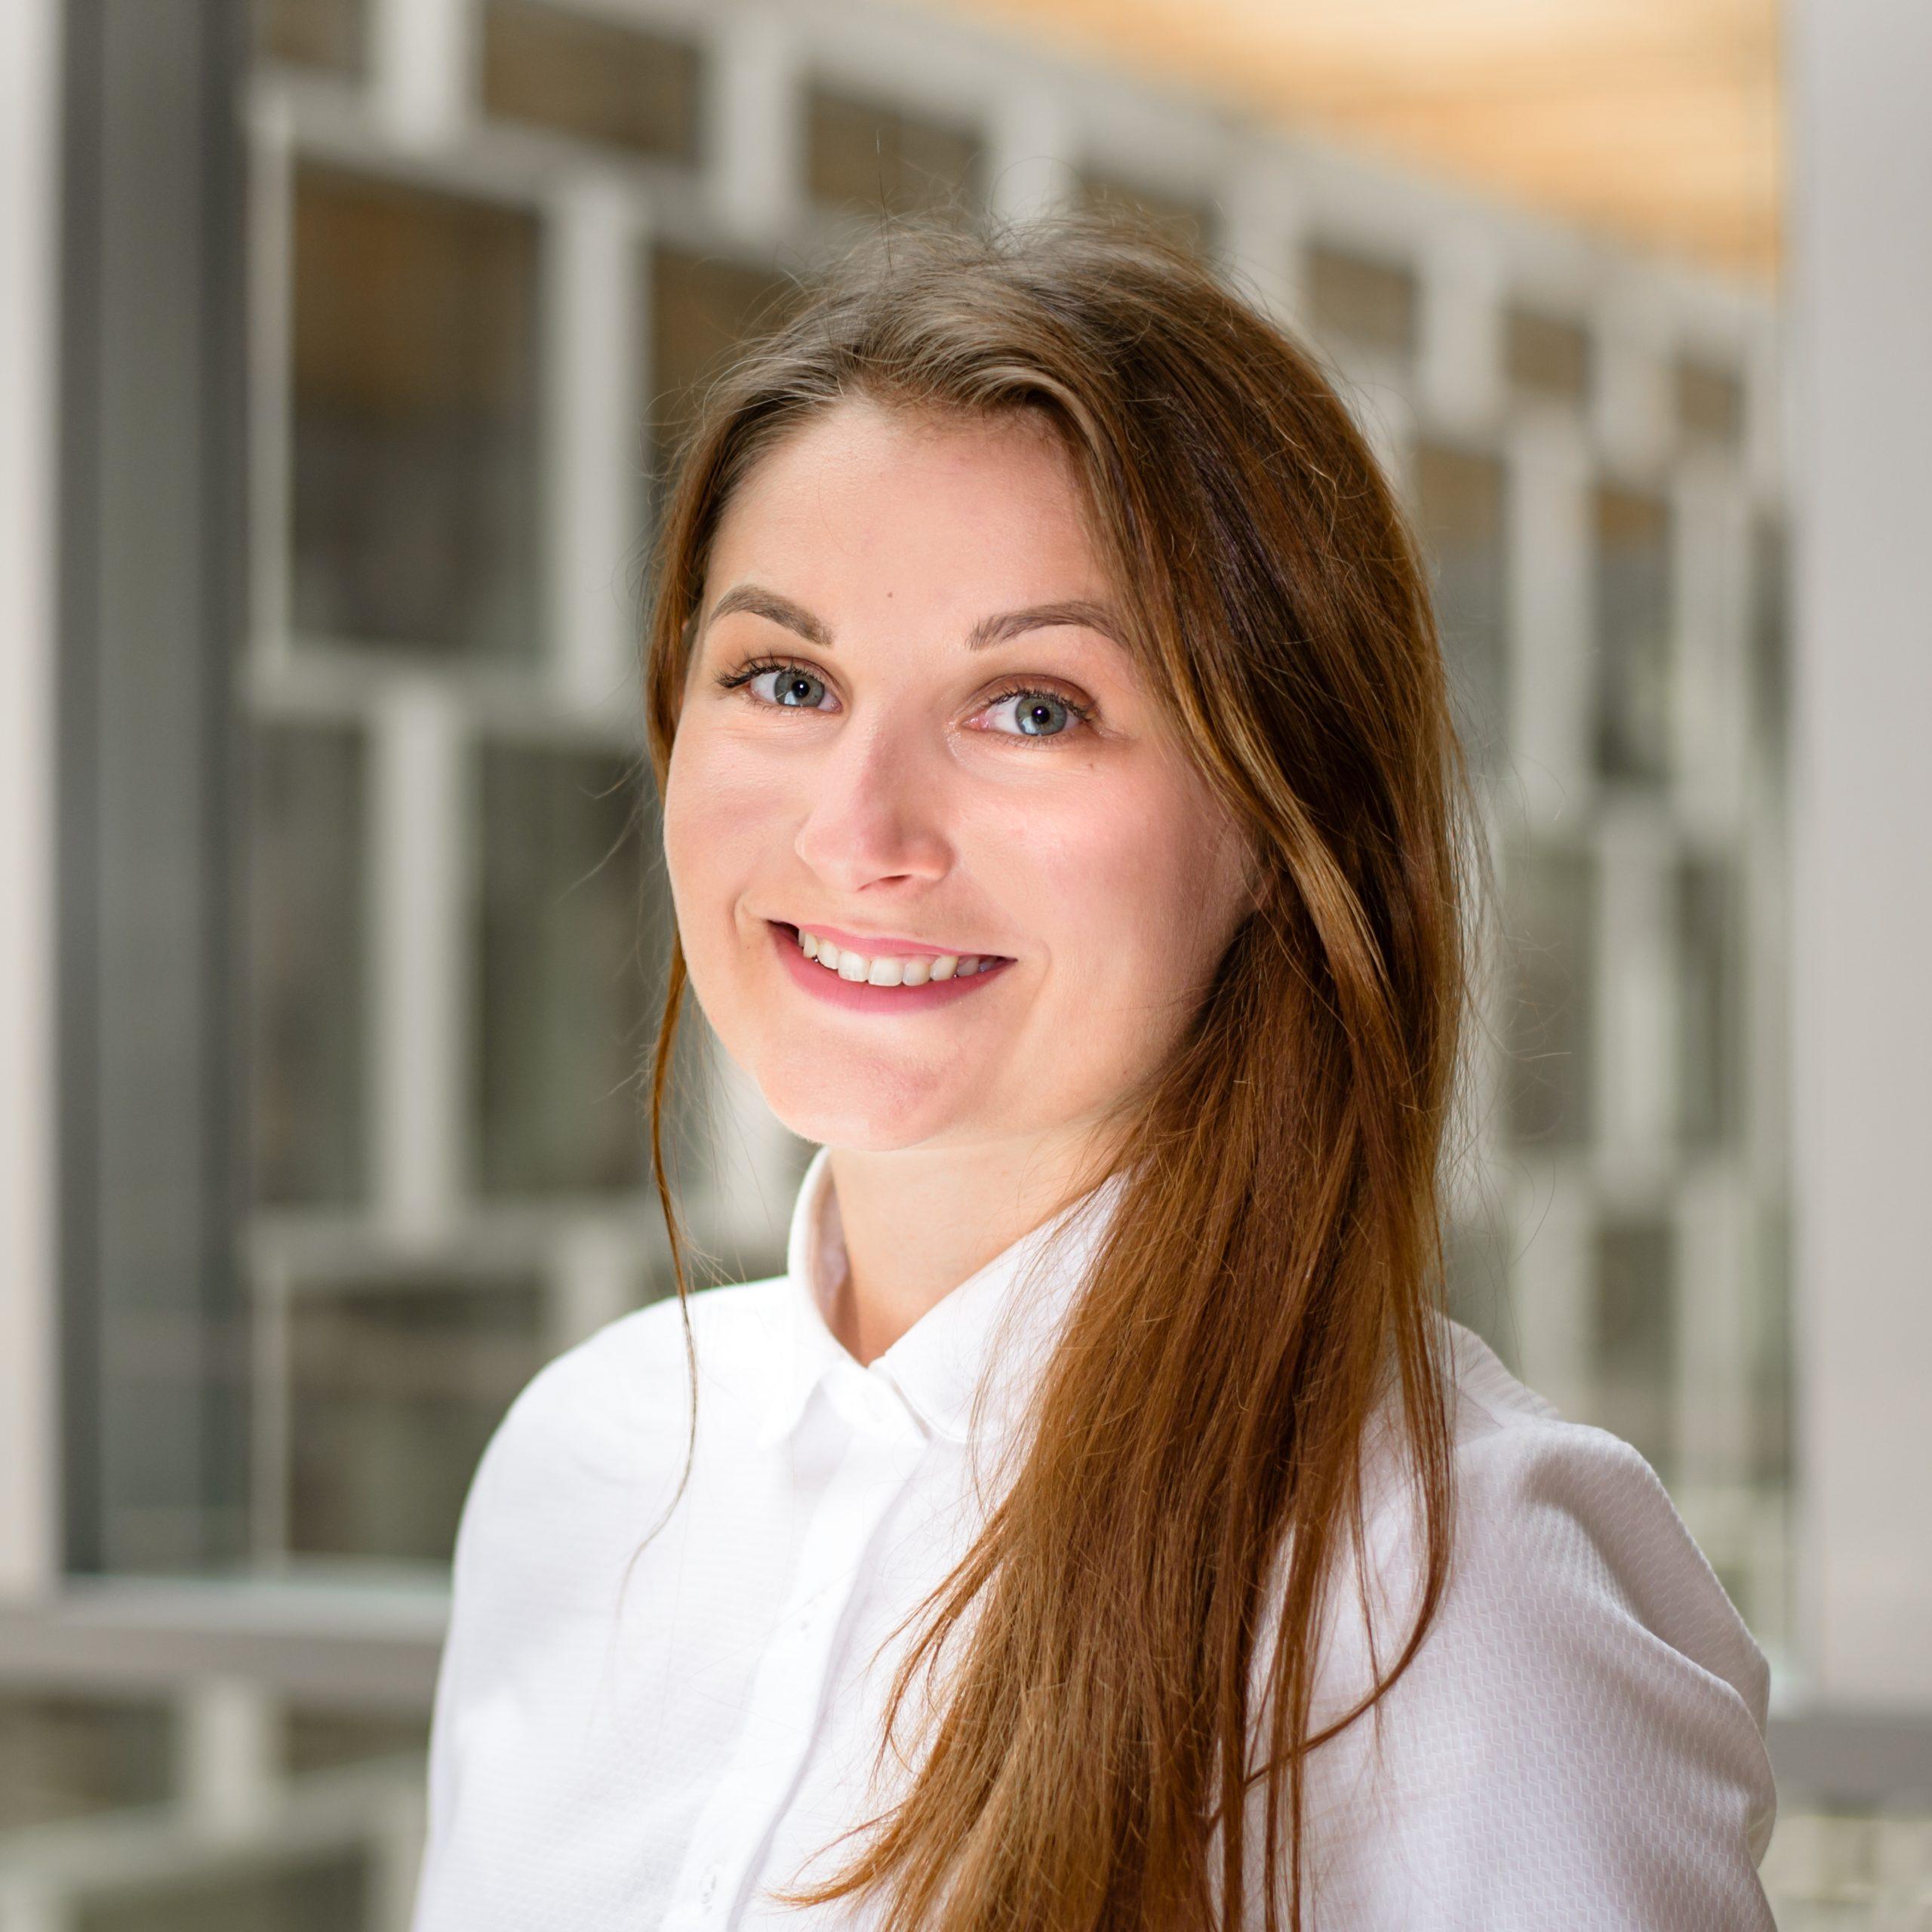 Dominika Parzych